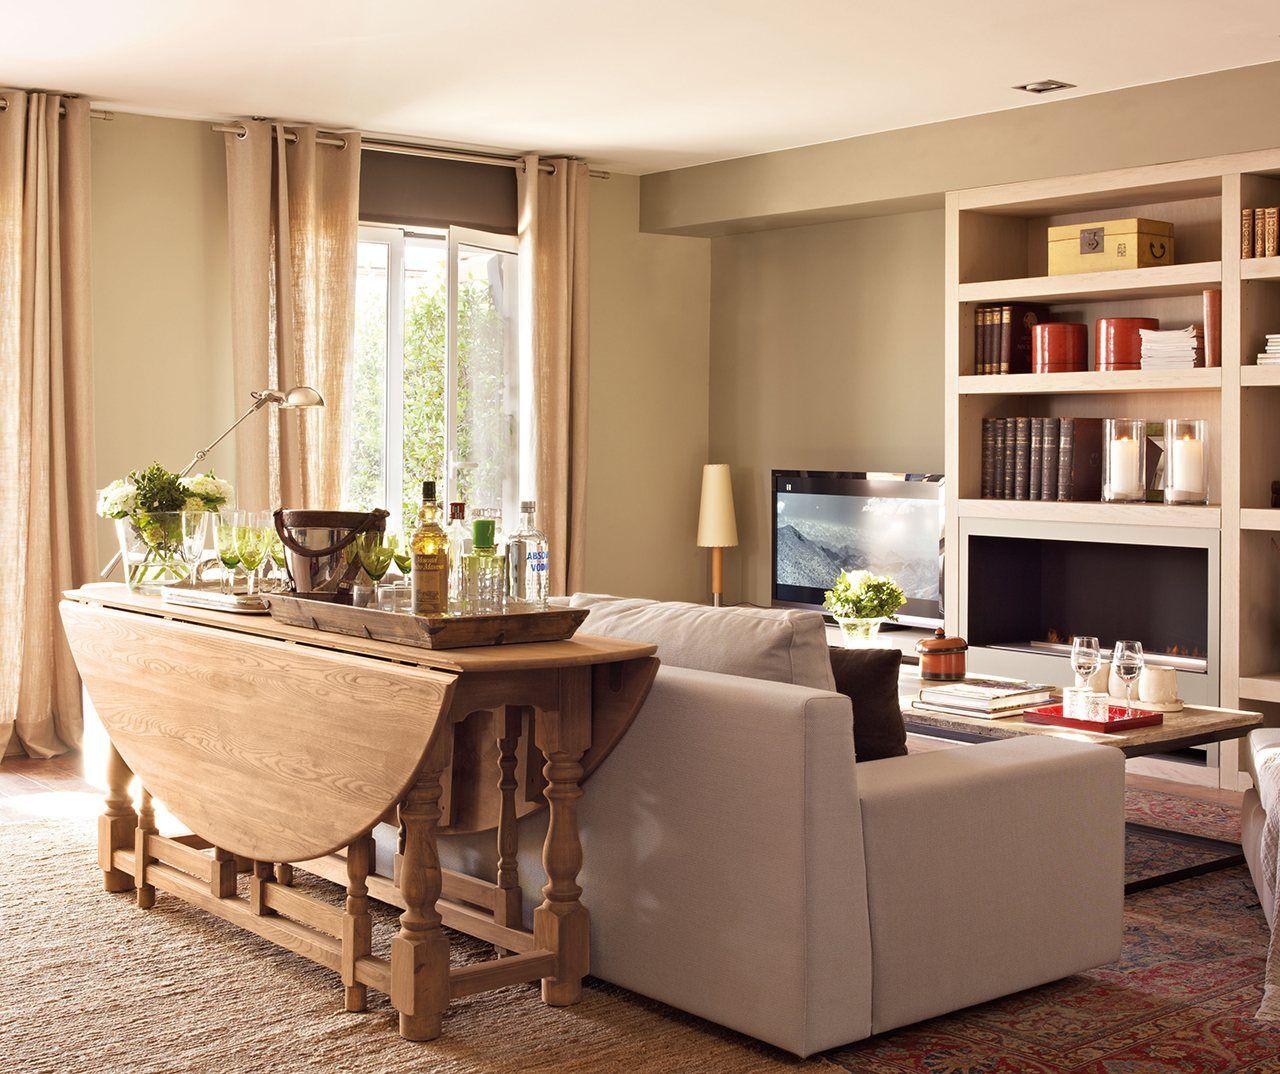 Una mesa plegable si tu sal n comparte espacio con el for Mesa plegable pequena